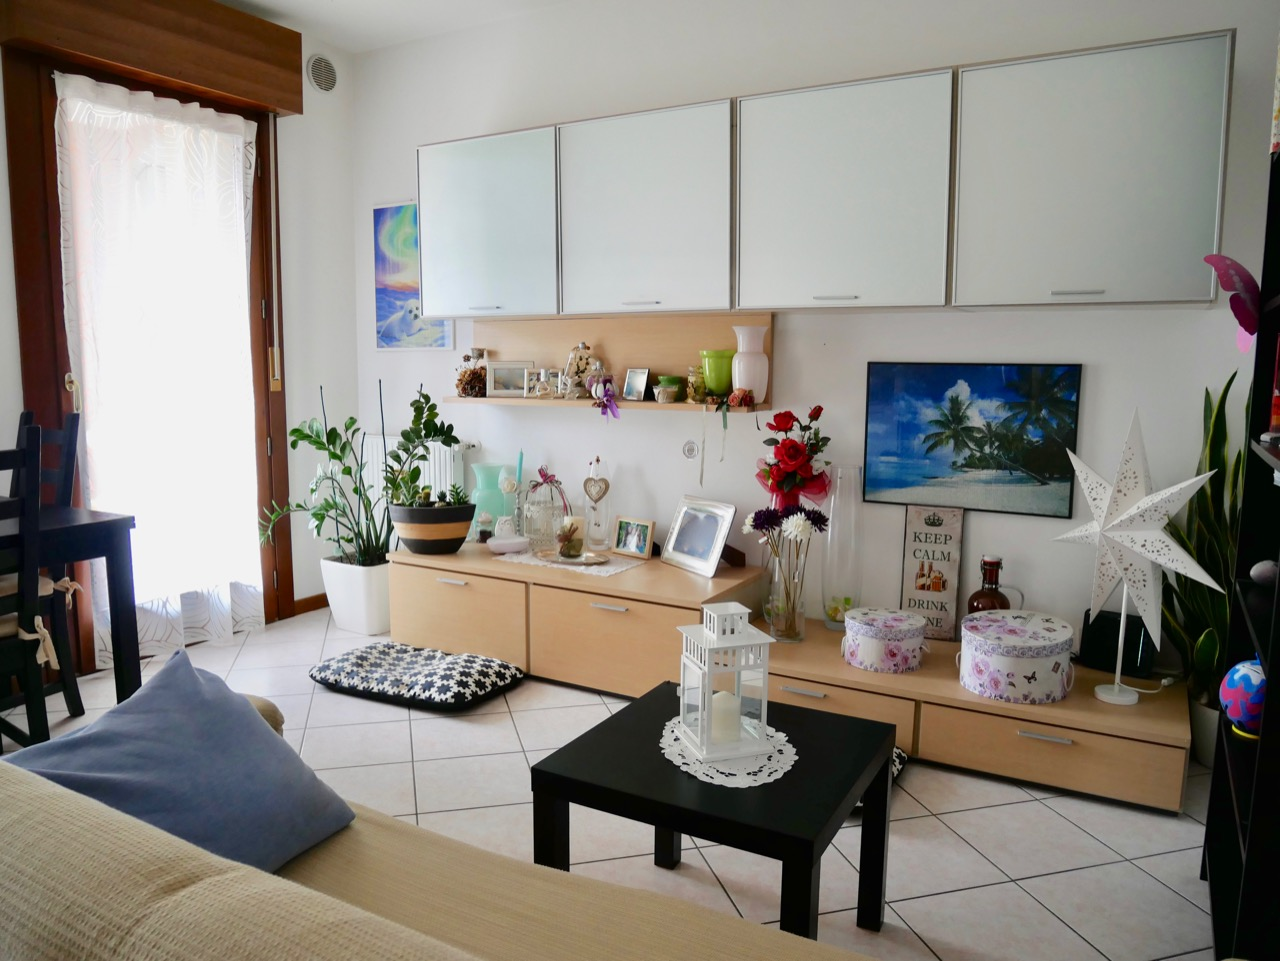 Appartamento bilocale con giardino e garage.